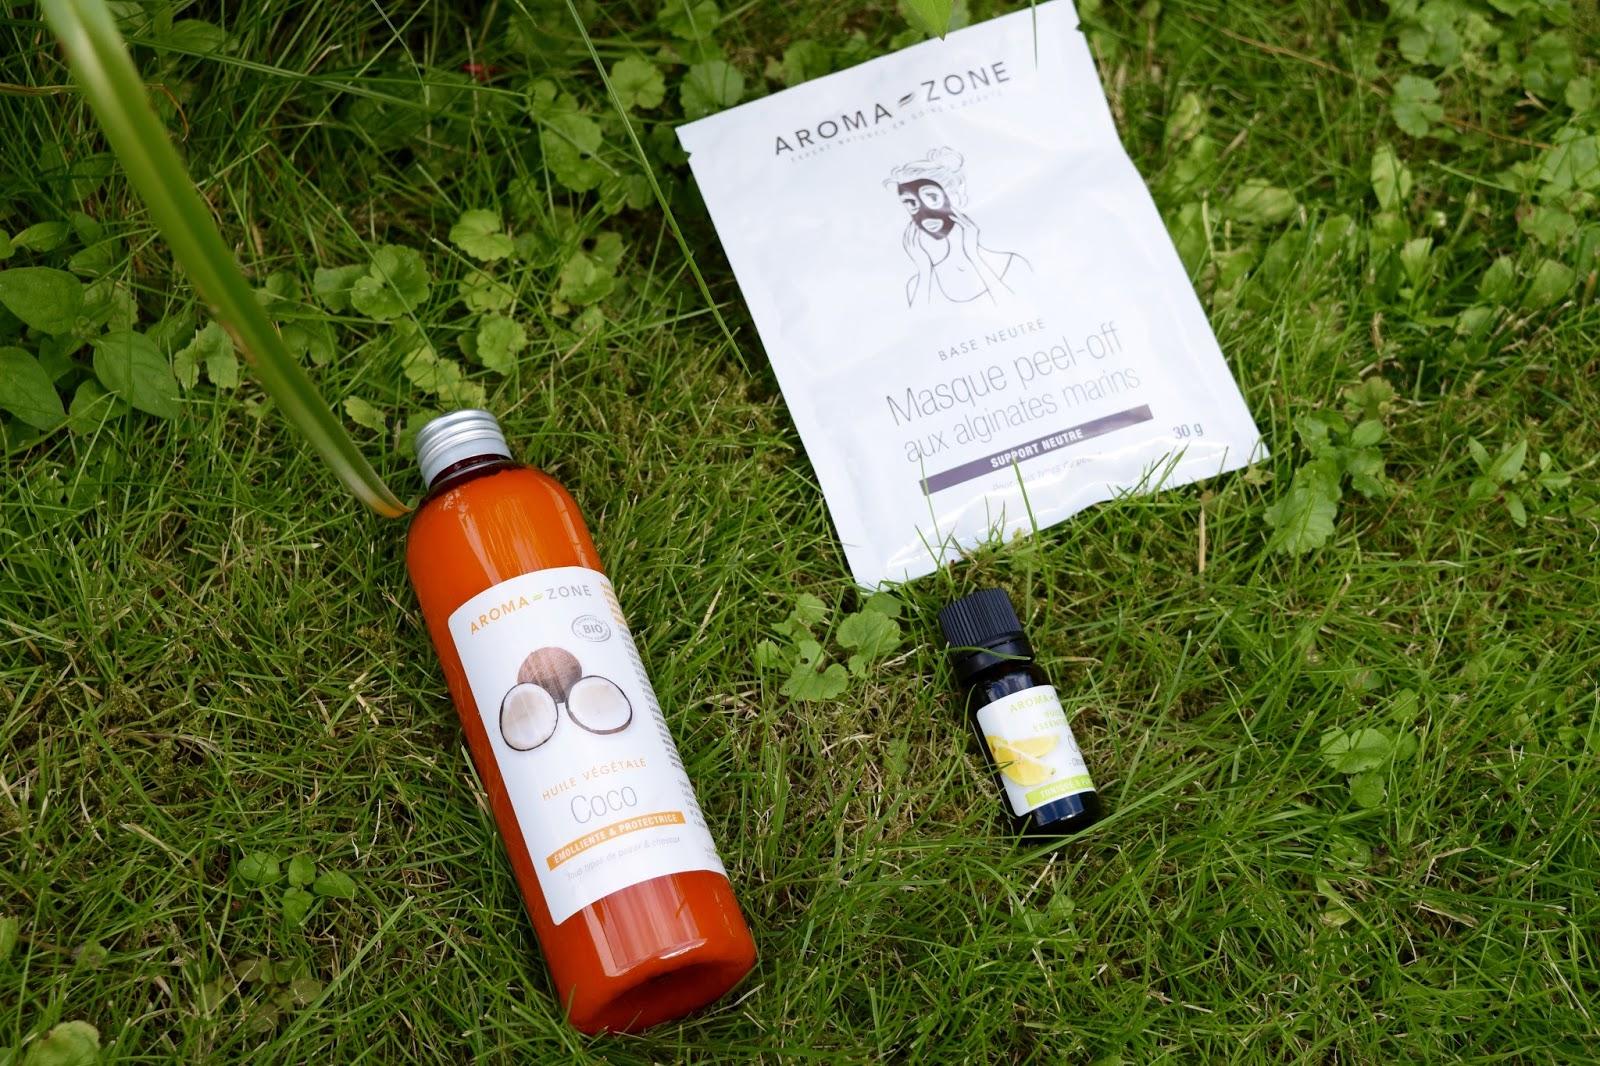 huile de coco, huile essenciel de citron et masque d'algue